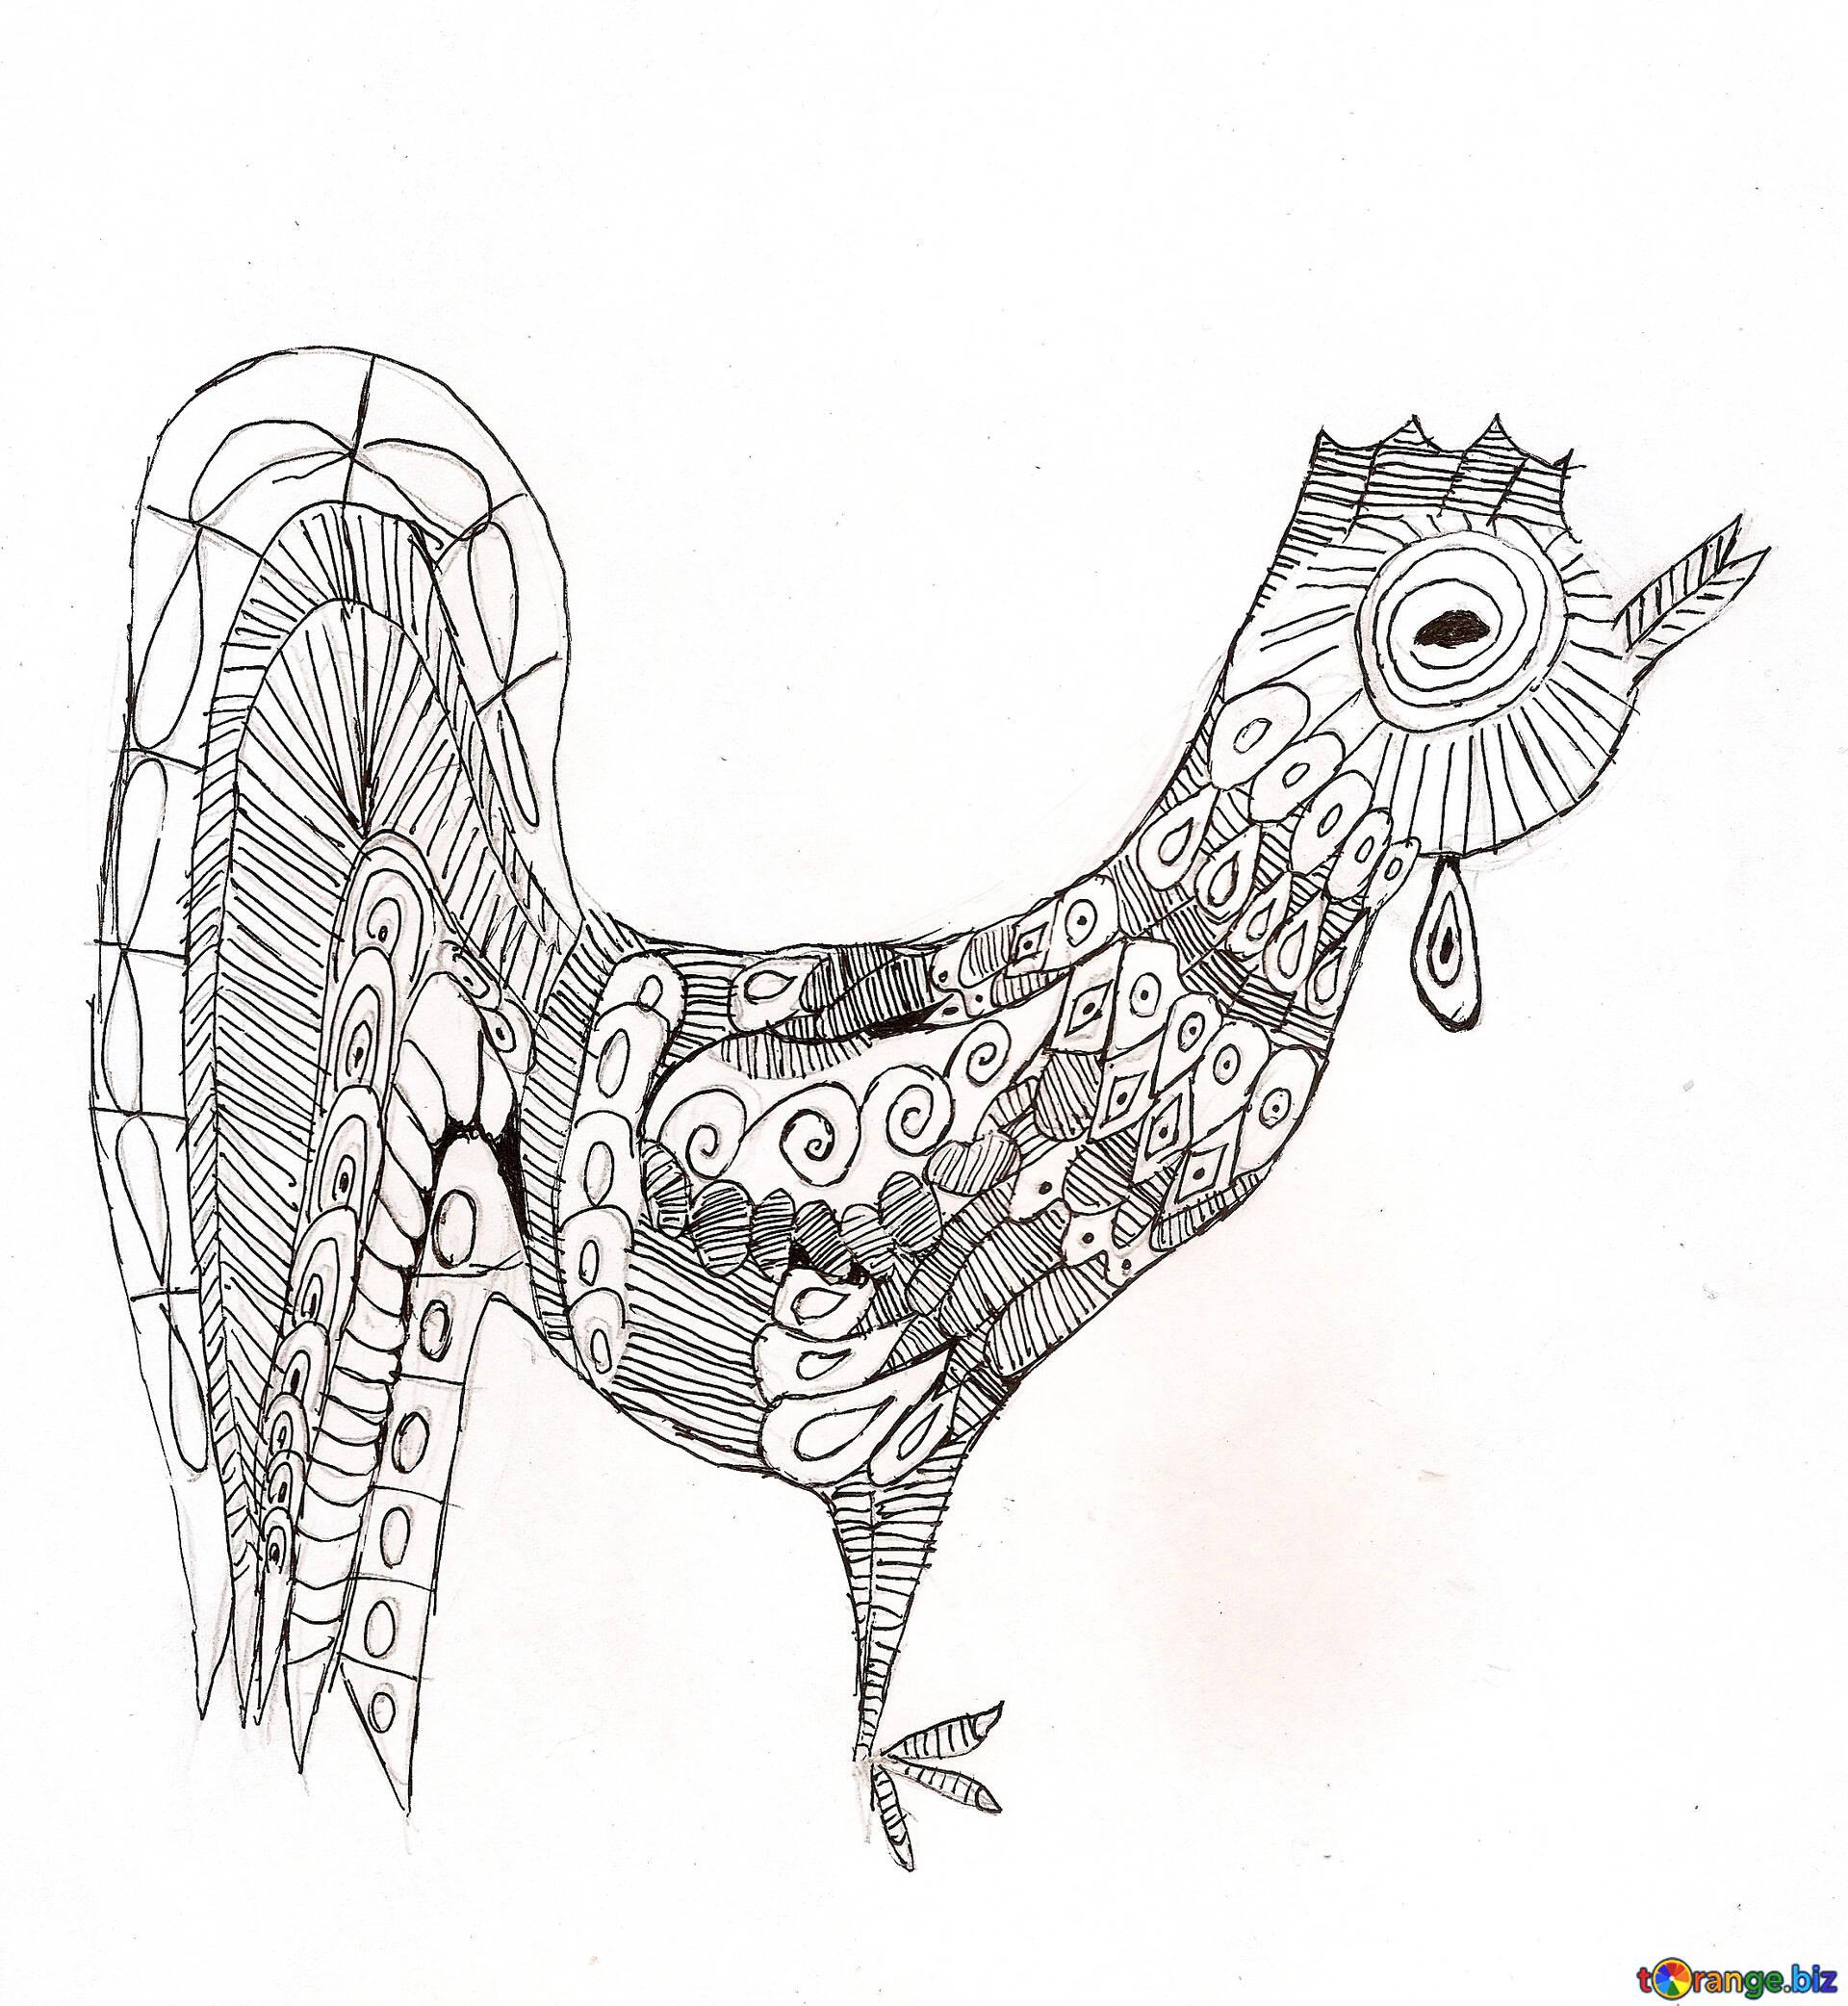 Dibujos los niños de dibujo para colorear un gallo para adultos año ...